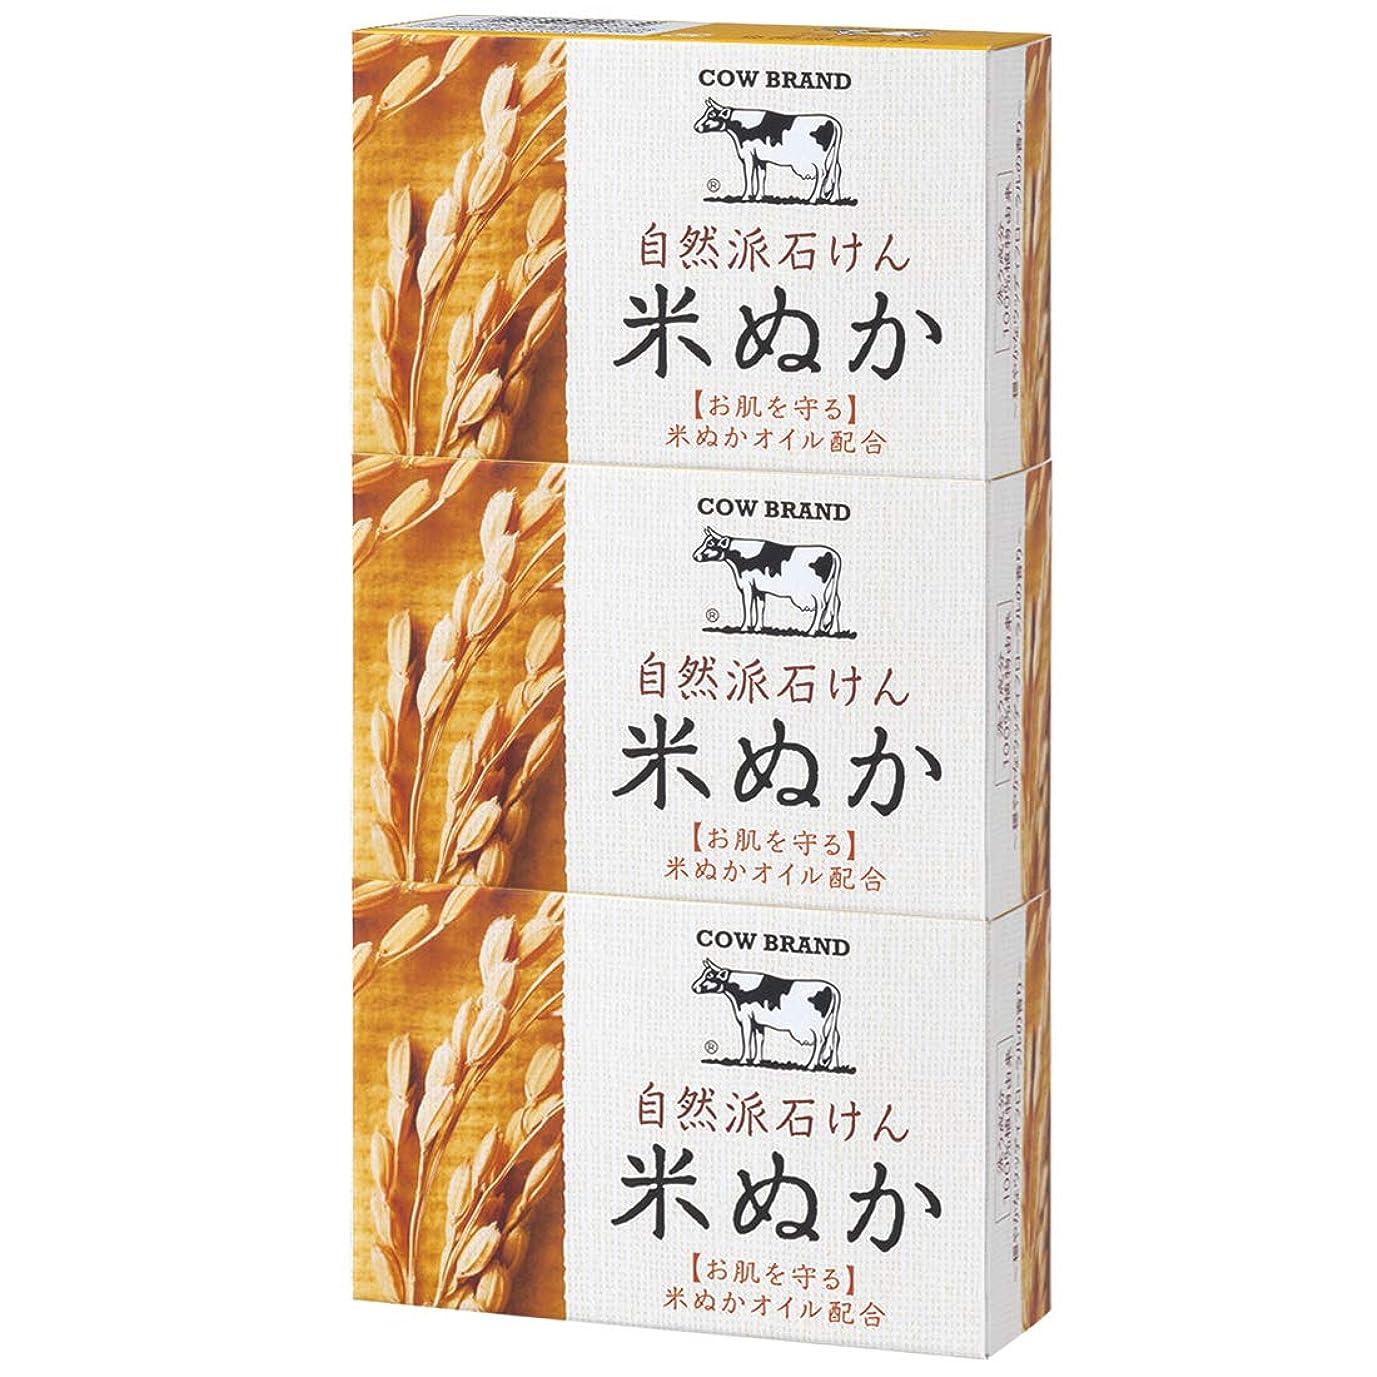 晩ごはんレイア推測カウブランド 自然派石けん 米ぬか 100g*3個